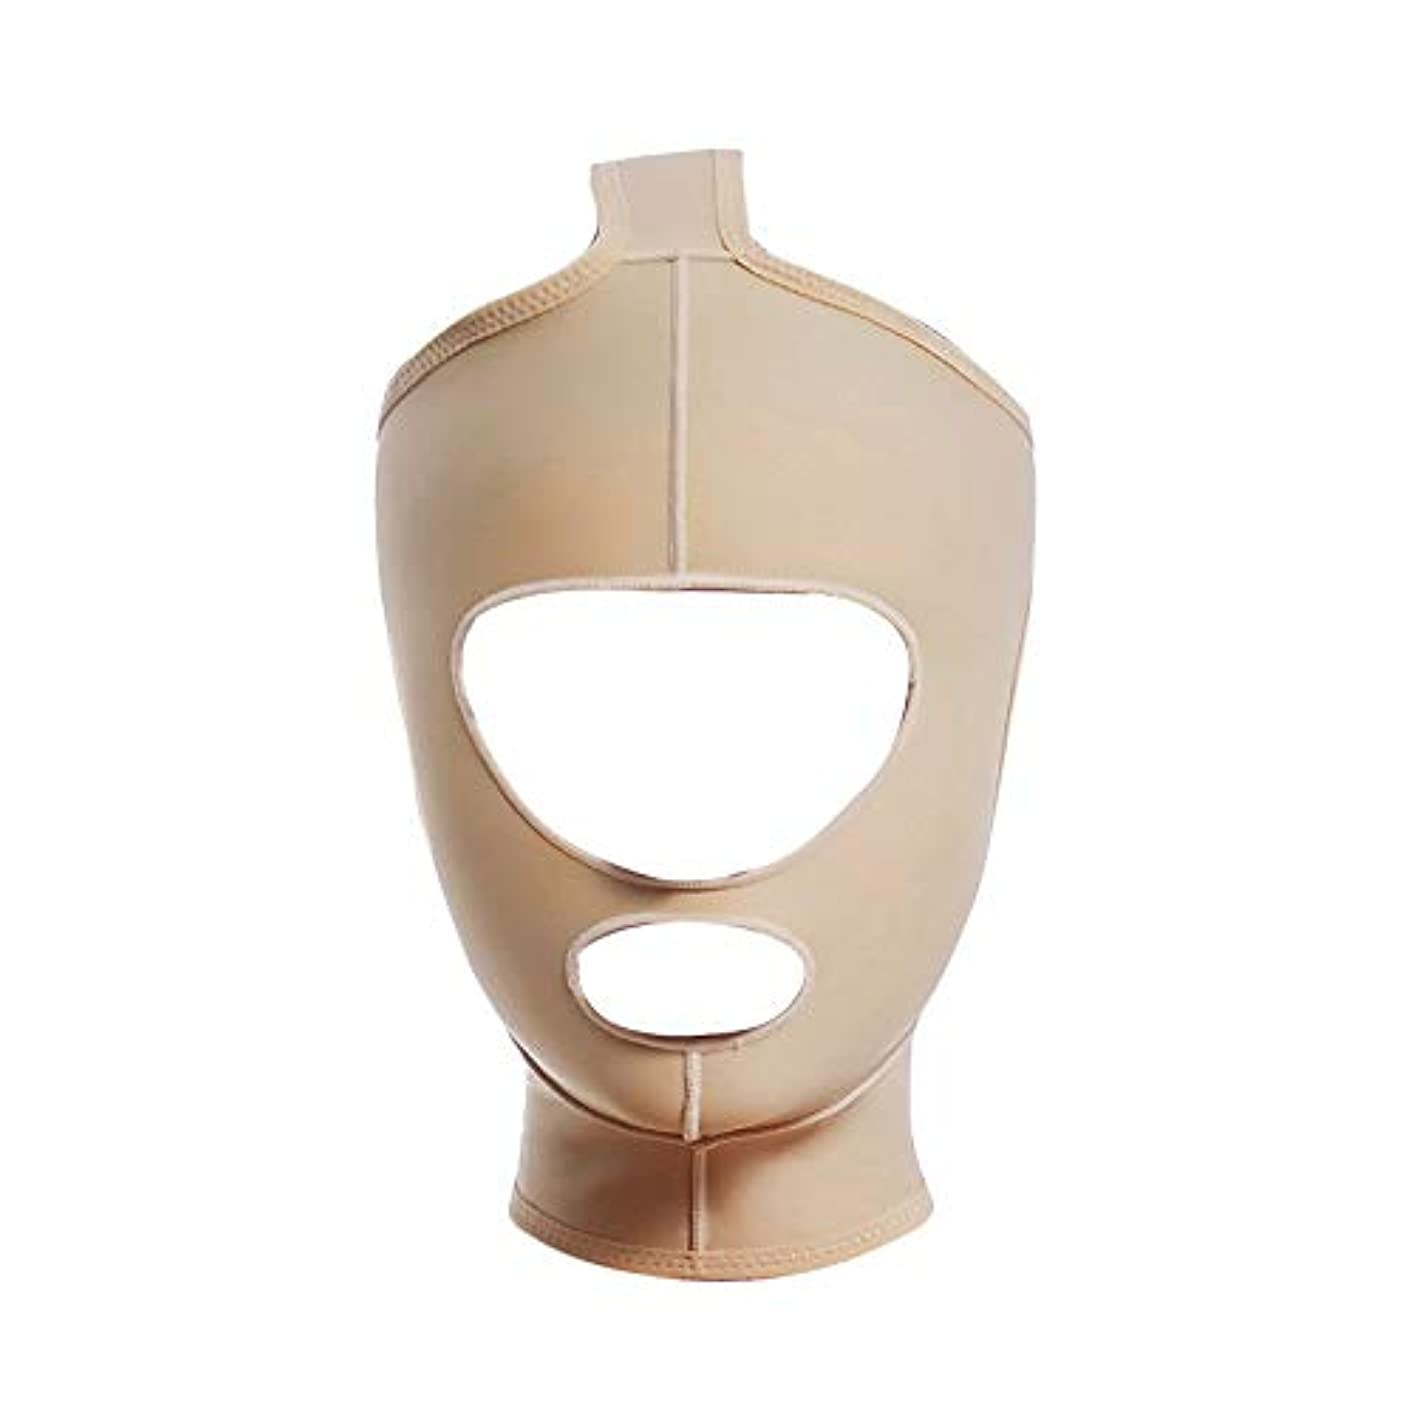 タフ腐敗警告TLMY 顔と首のリフト痩身マスクの顔の彫刻の顔の弾性スーツ薄い二重あごのアーティファクトV顔のビーム表面 顔用整形マスク (Size : S)